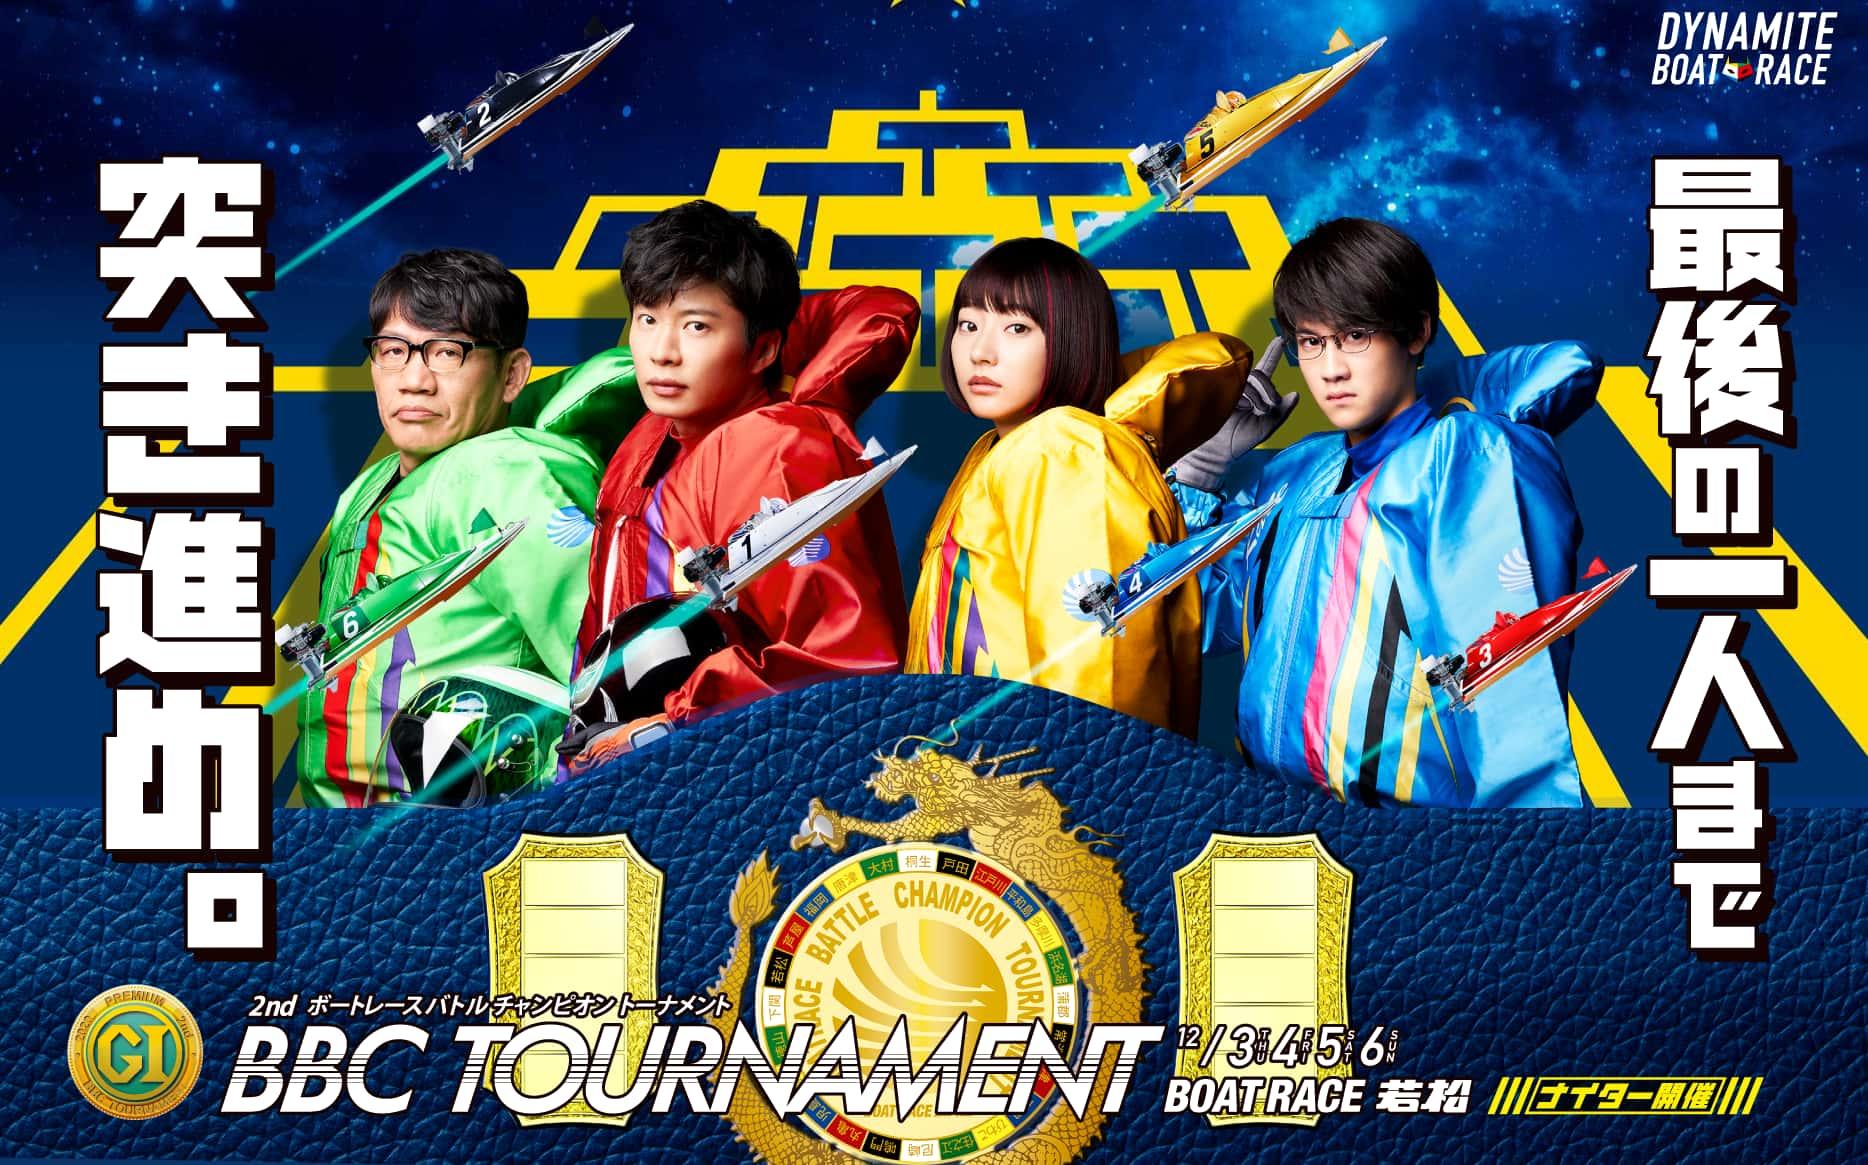 BBCトーナメント